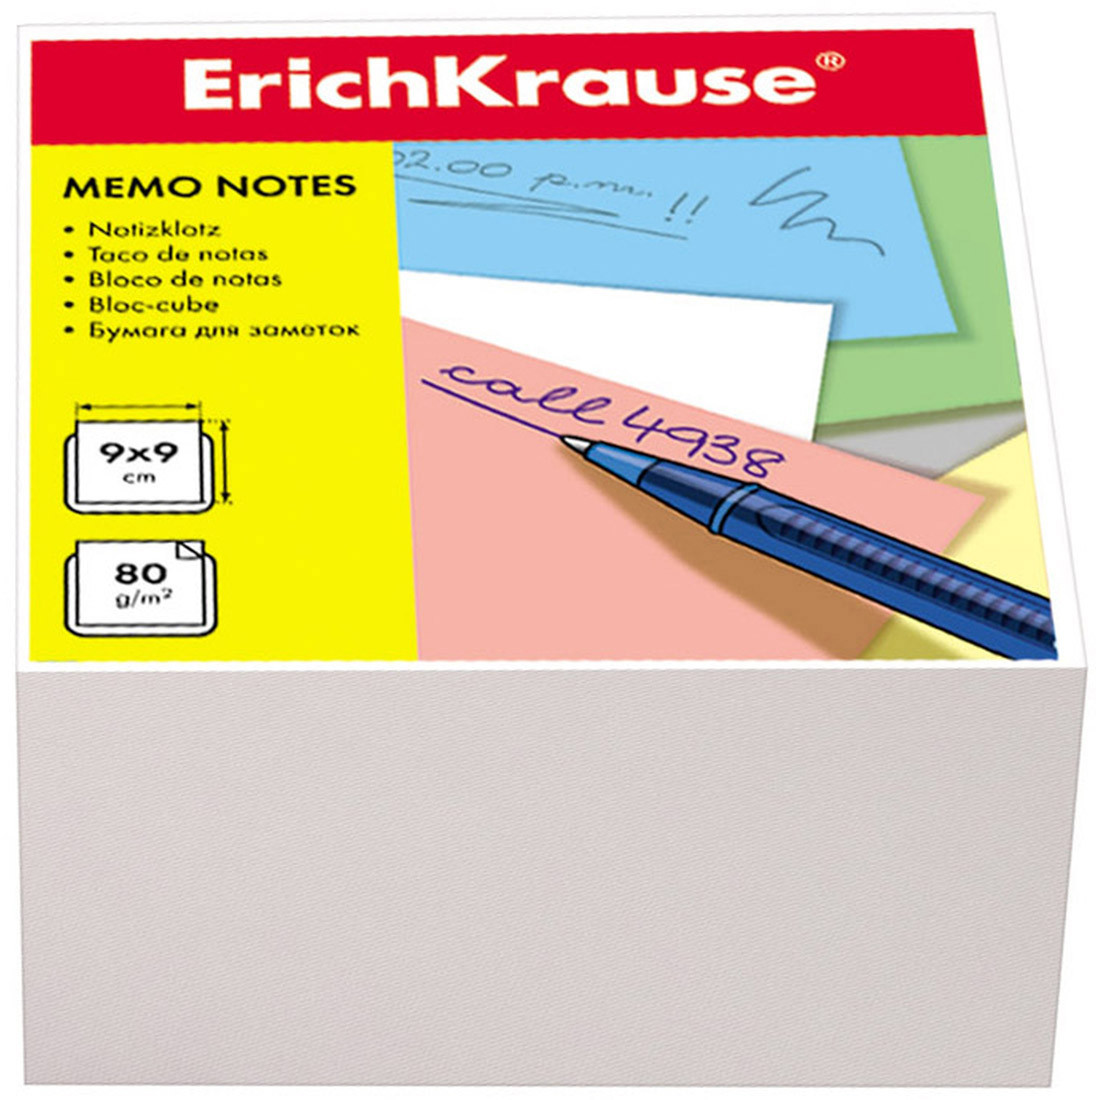 Бумага настольная ErichKrause® 2717 90x90x50 мм пленка 24 шт. белый